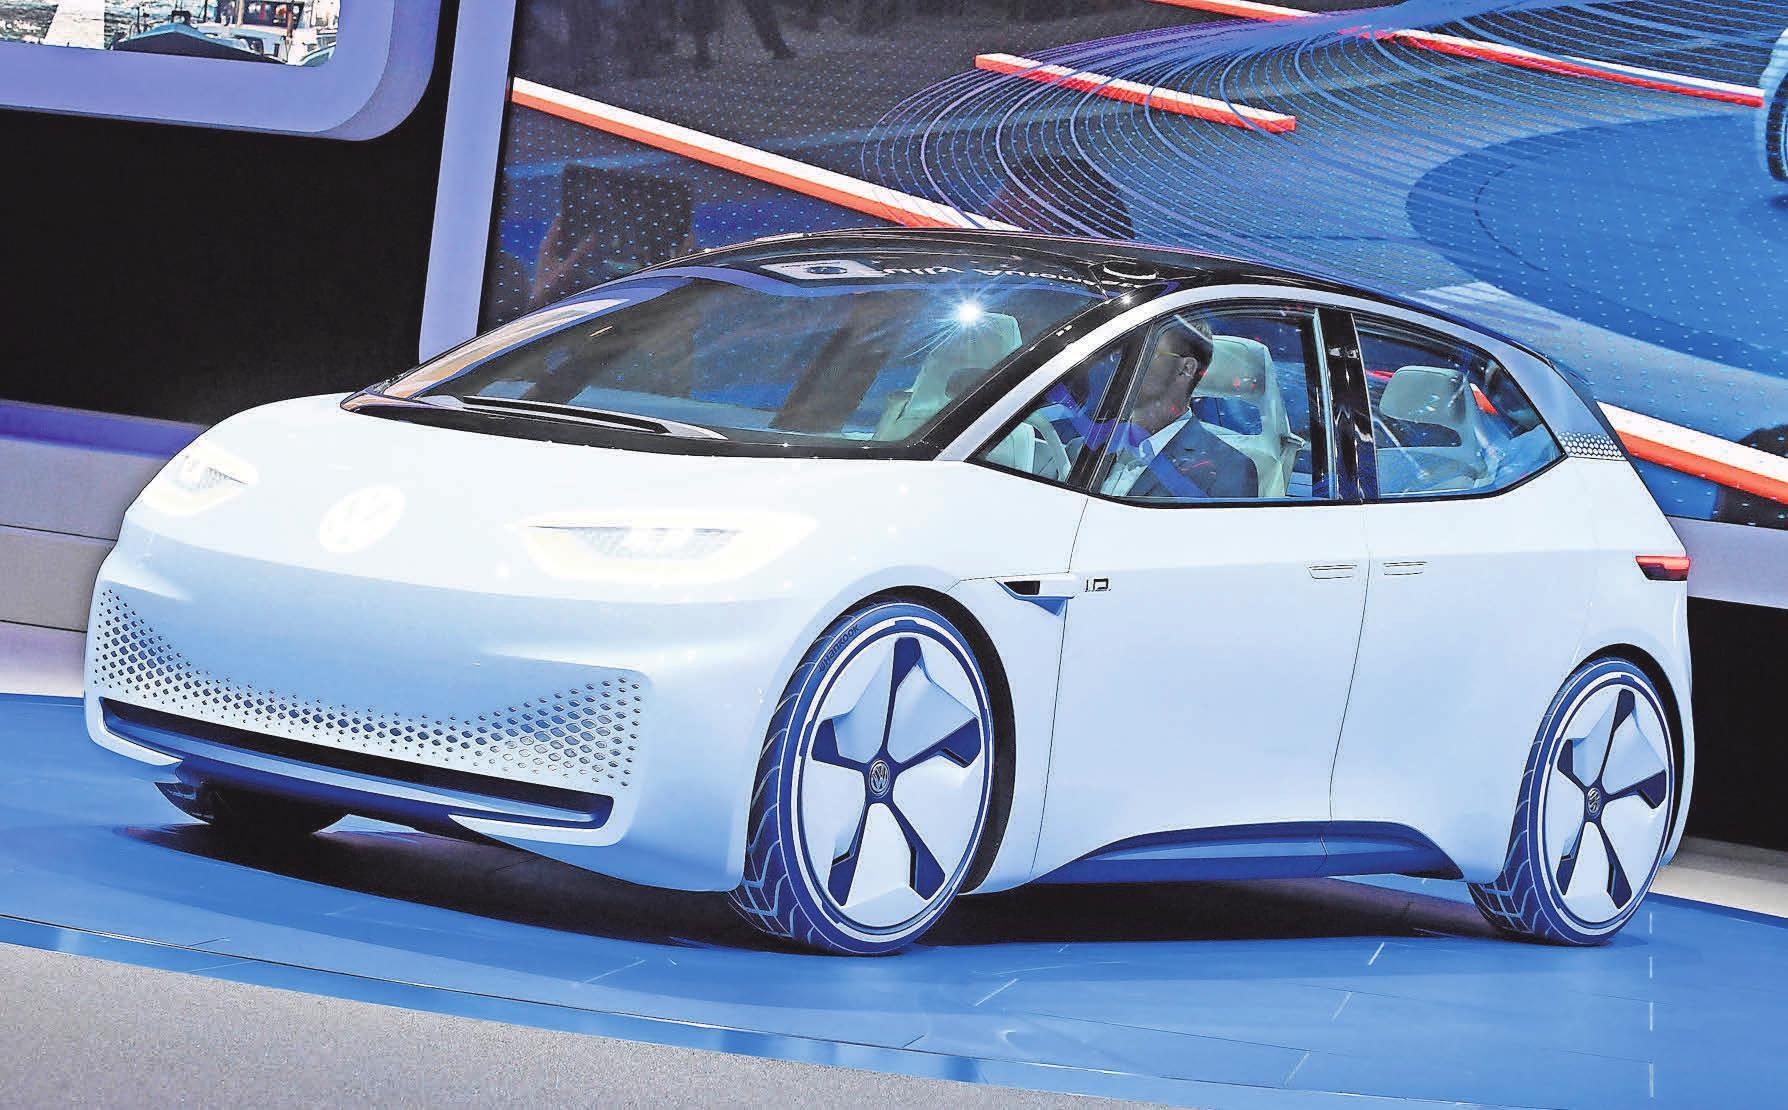 VW ist mit dem Modell ID auf dem E-Auto-Markt vertreten. Erstmals wurde das Konzeptfahrzeug mit rein elektrischem Antrieb 2016 auf einer Messe in Paris vorgestellt. Foto: dpa